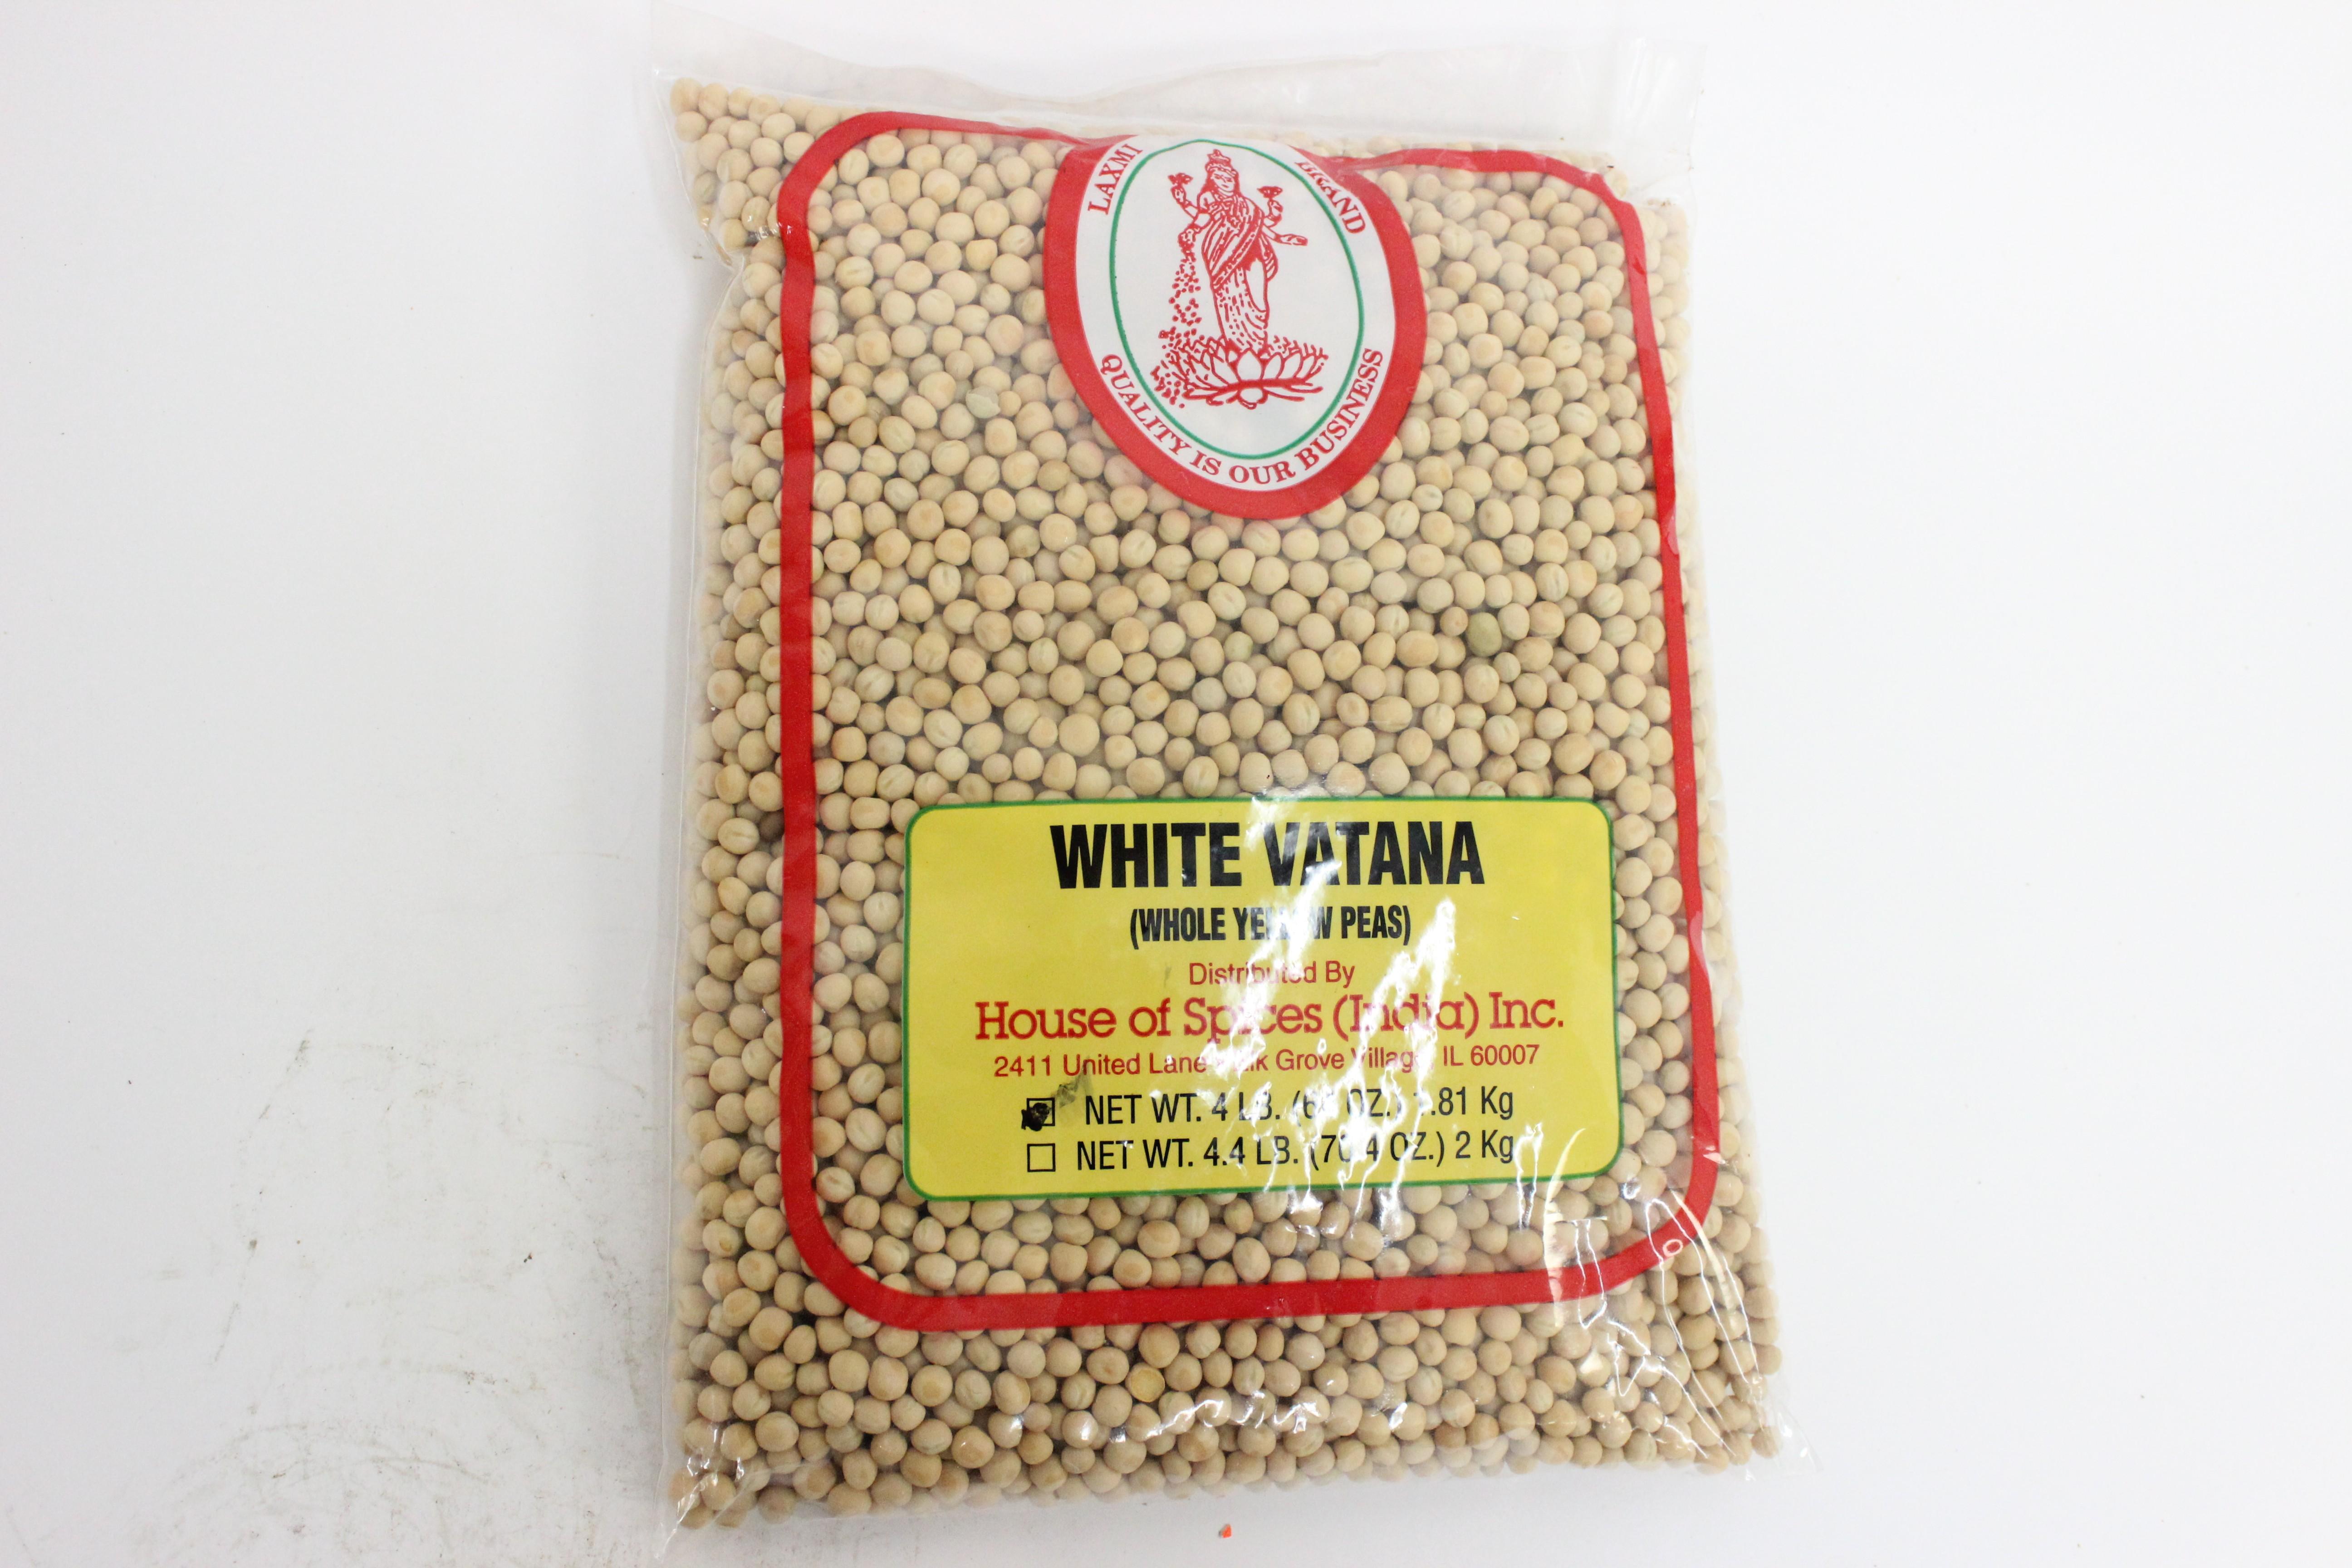 Vatana White 4 lbs